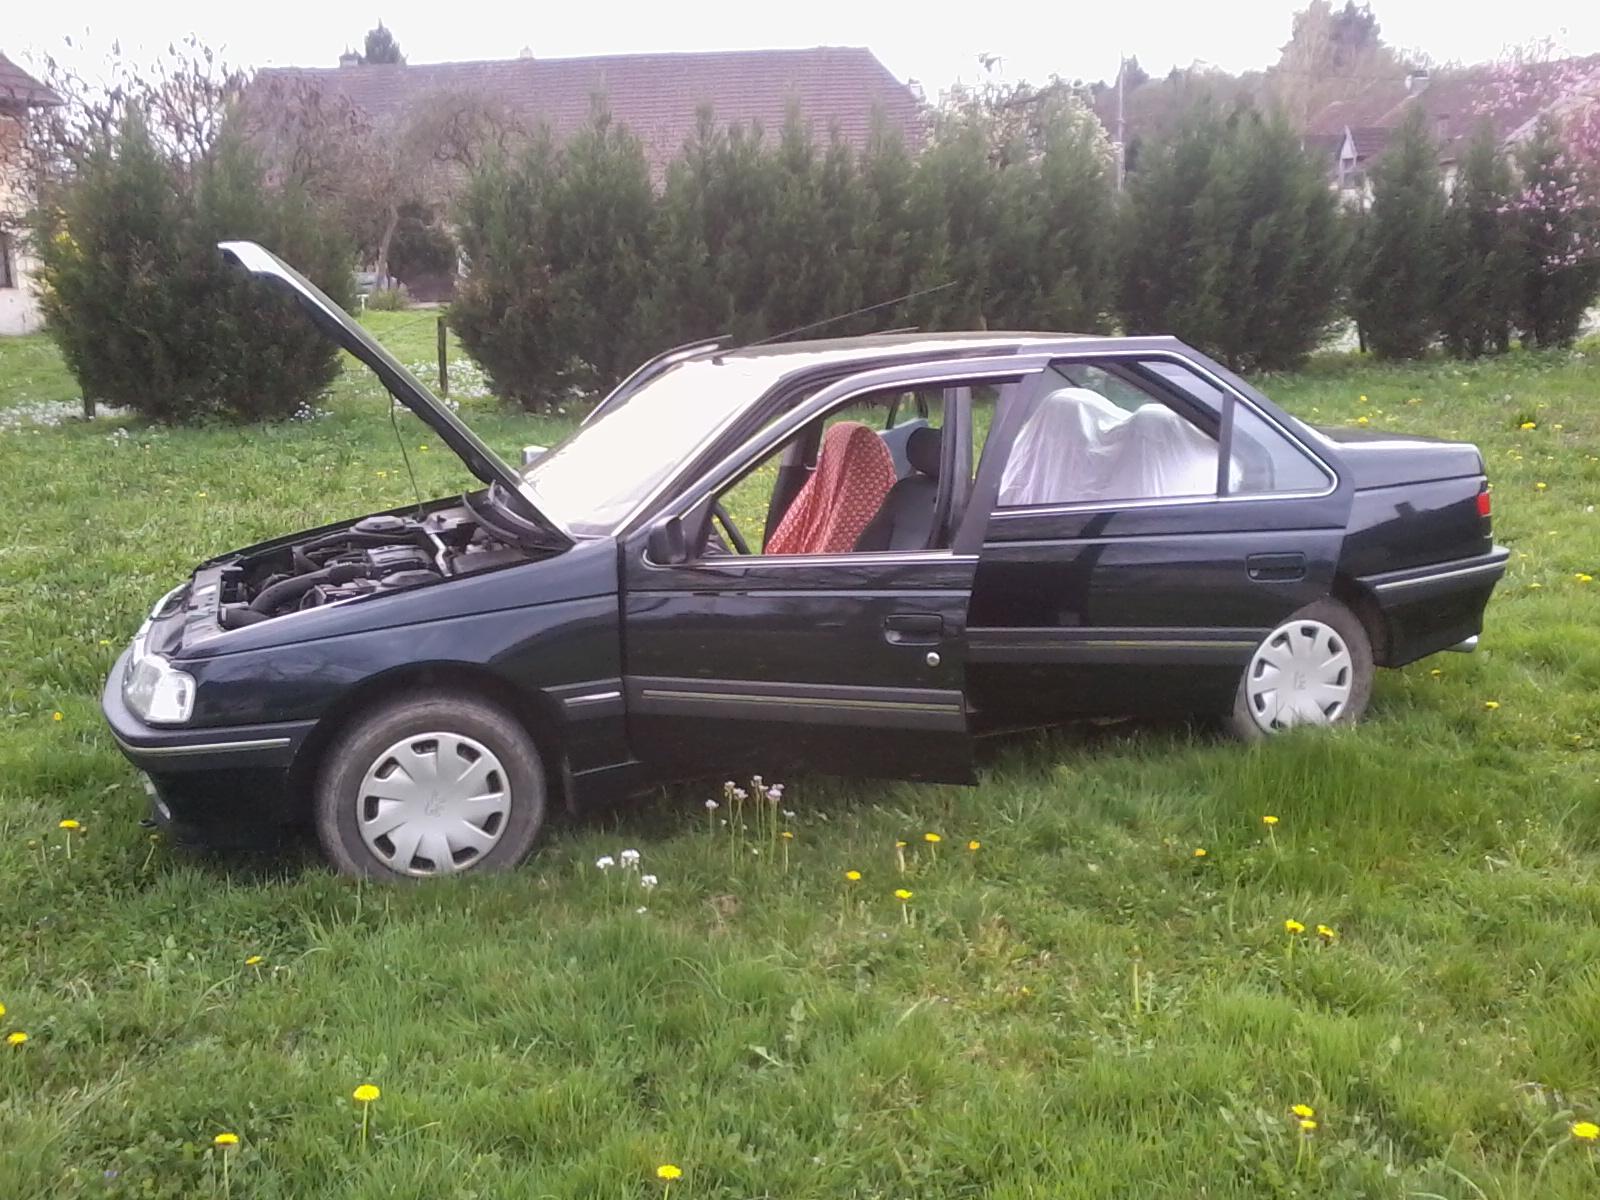 Présentation de ma nouvelle voiture, une Peugeot 405 Signature. 556515Photo0689